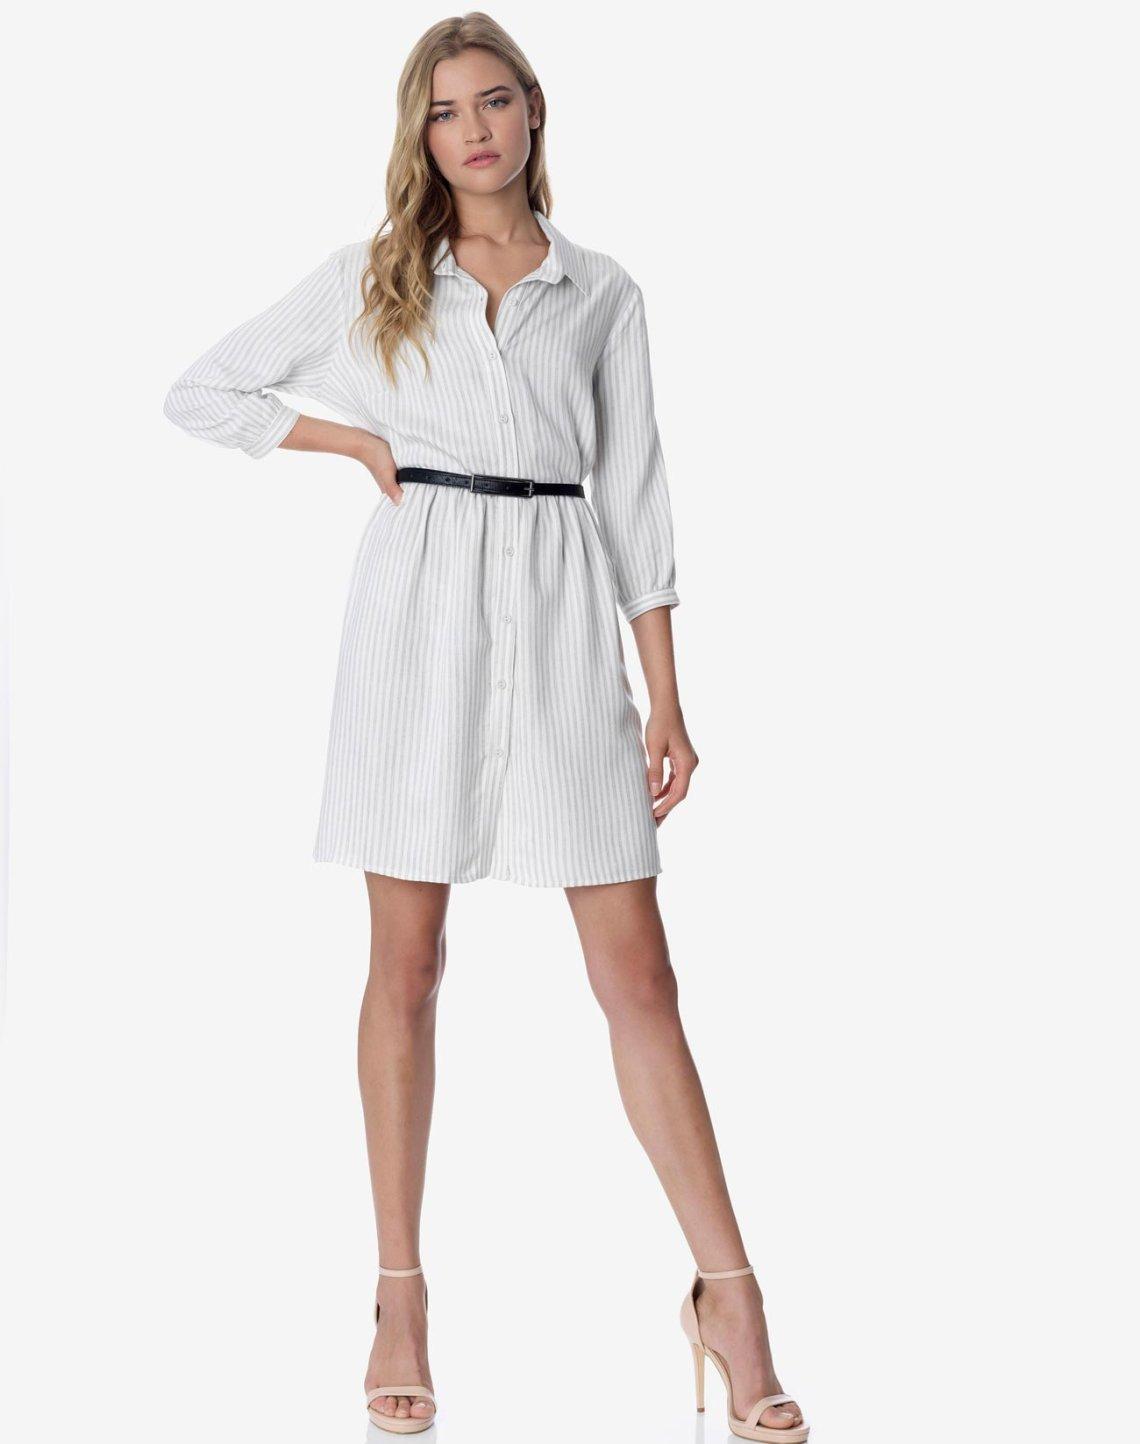 Ριγε μίνι φόρεμα σεμιζιέ